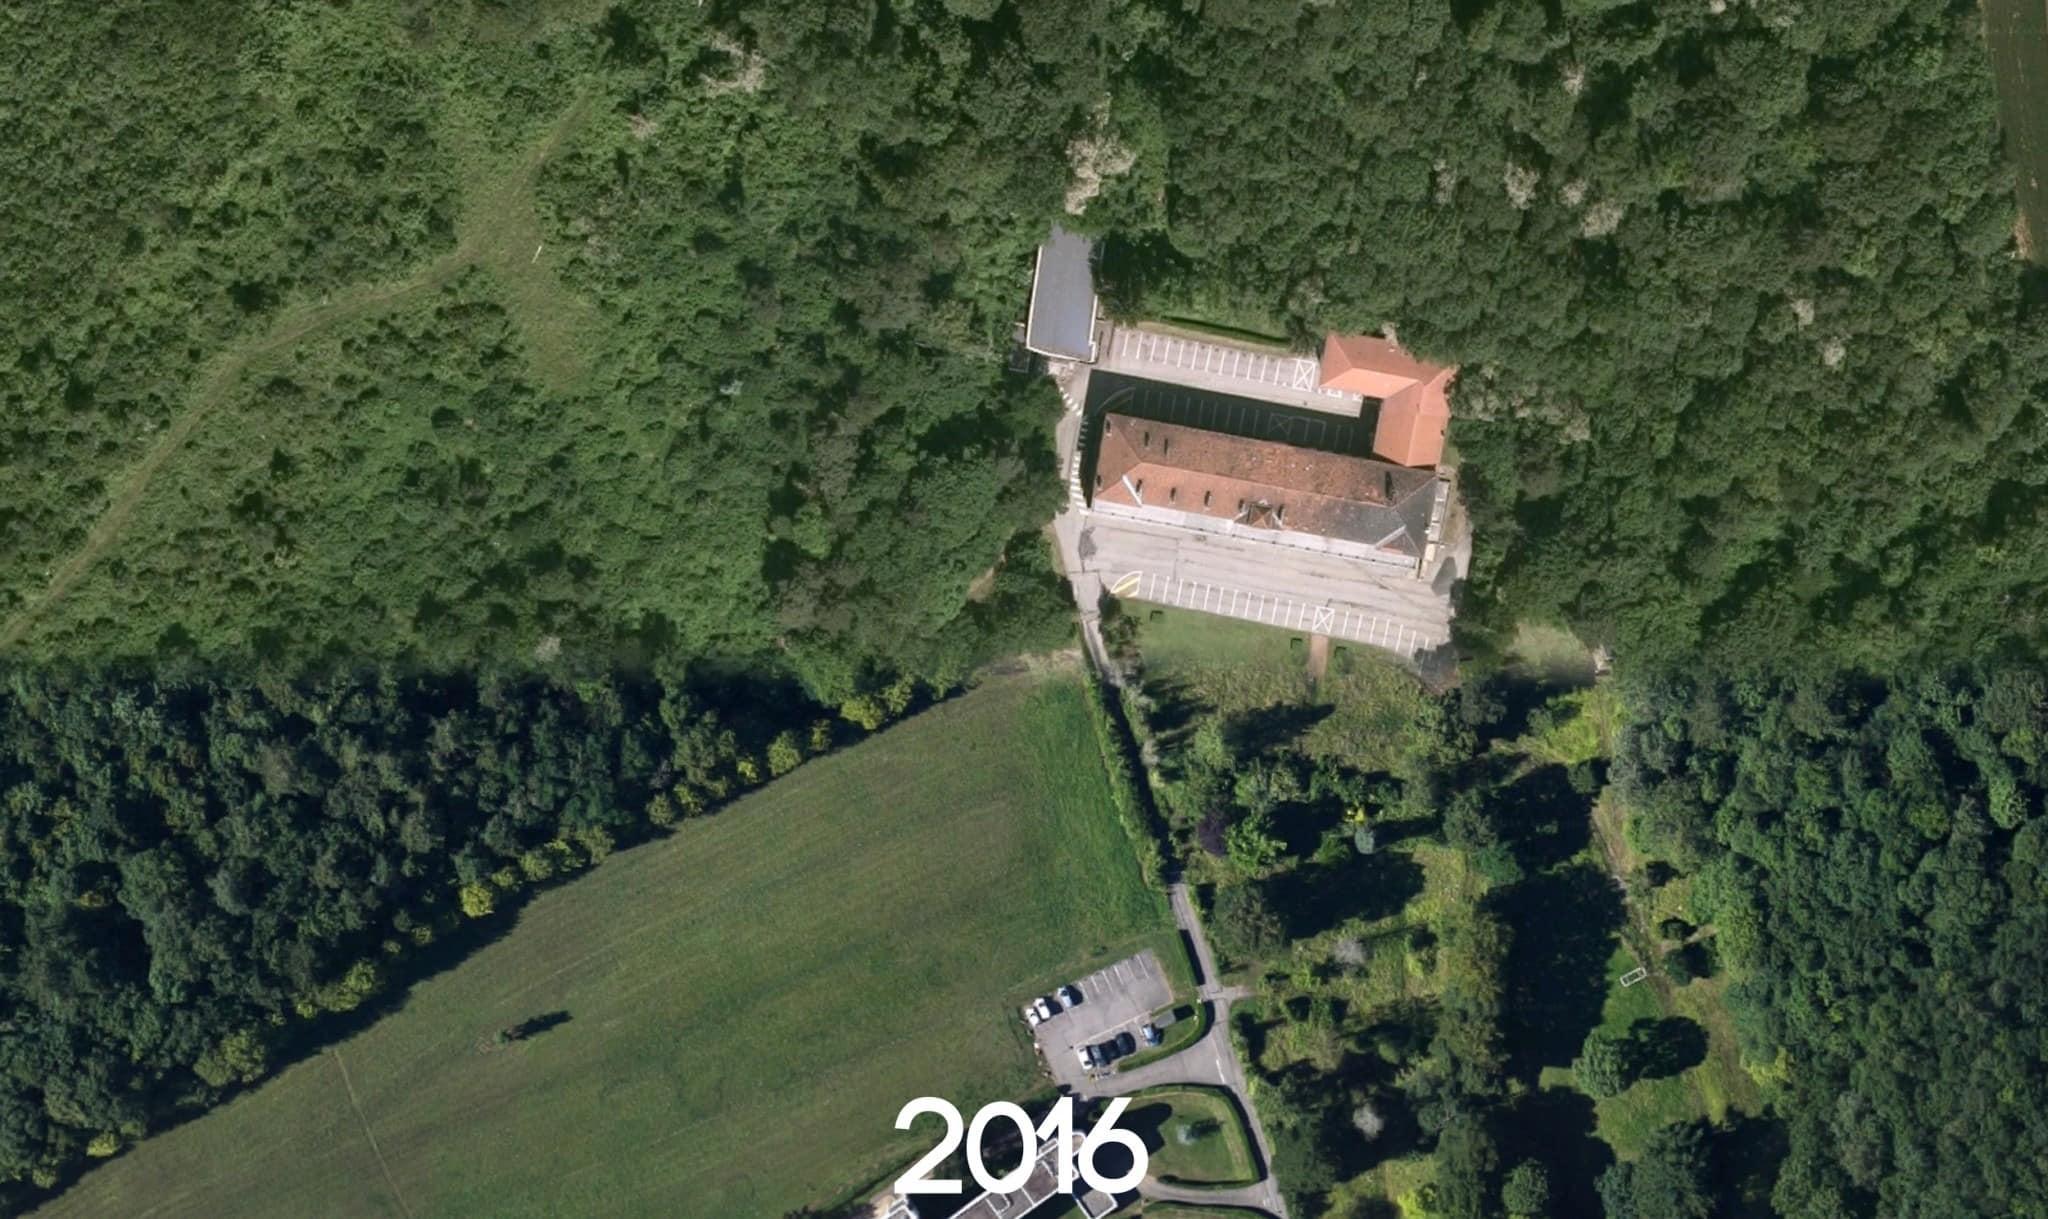 Sanatorium abandonné situé à Lay Saint Christophe | urbexsession.com/sanatorium-lay-saint-christophe | Urbex France